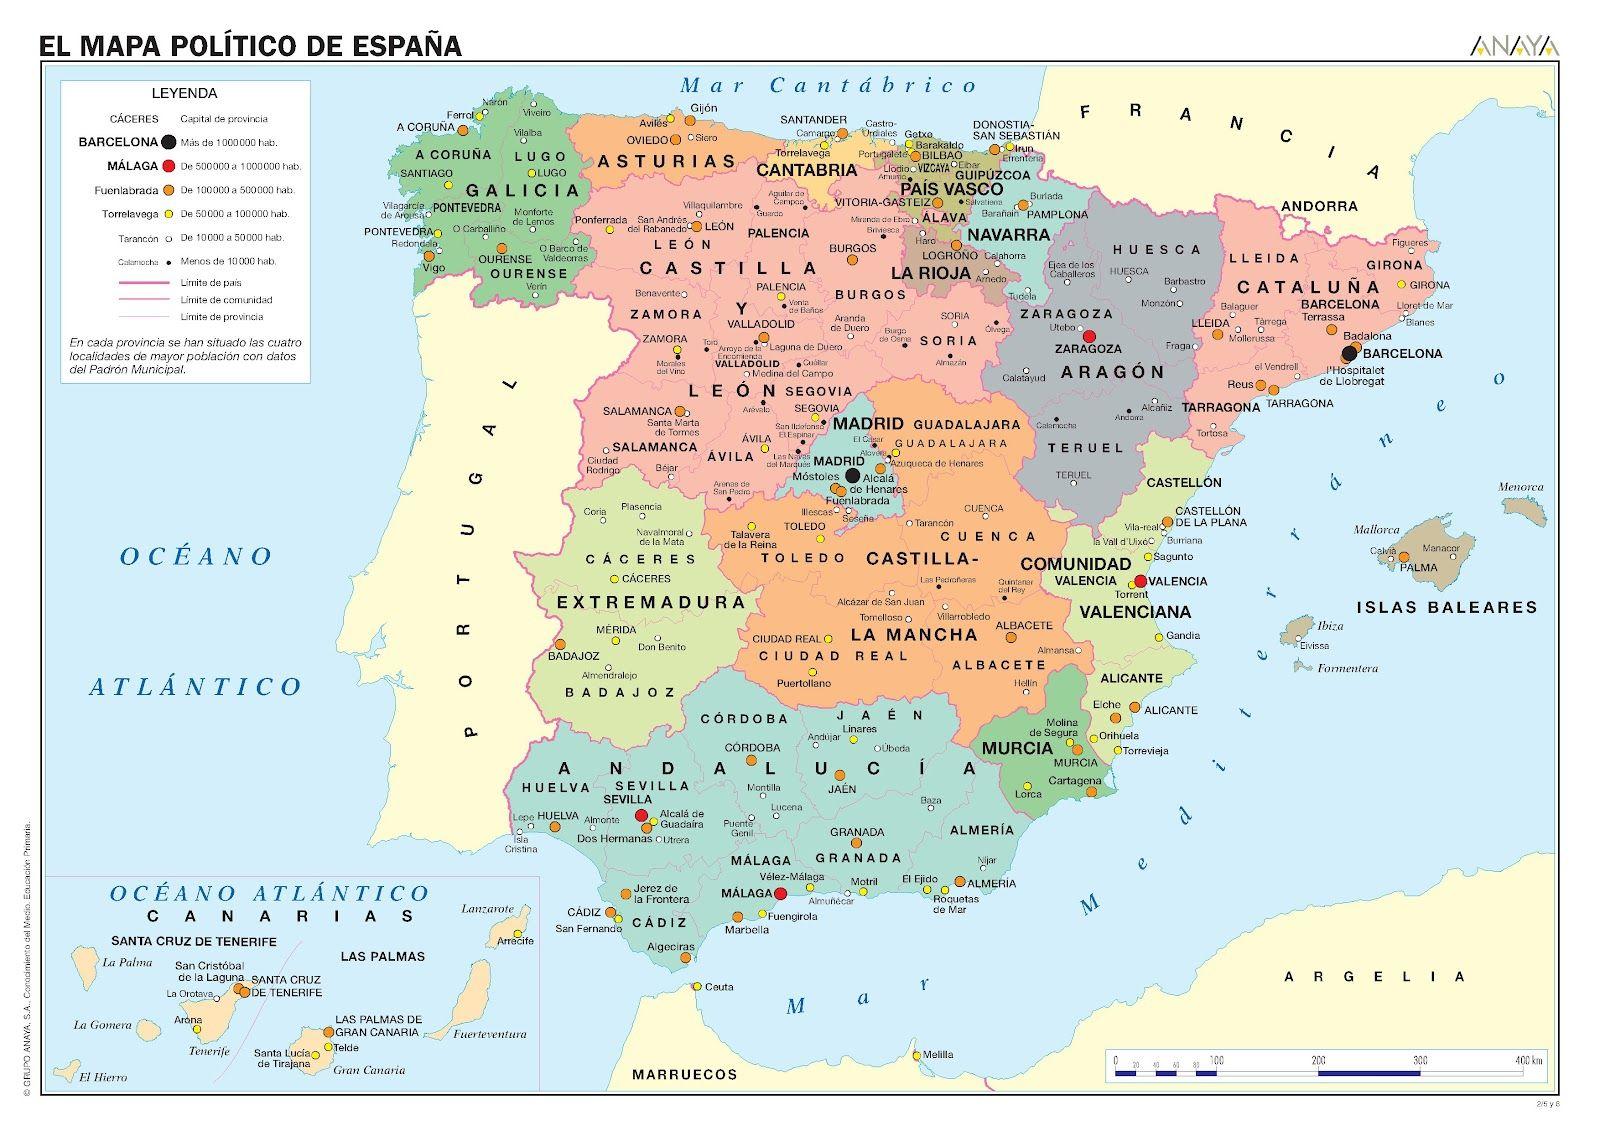 Juegos Mapa Politico De Espana.Mapas Interactivos De Espana Y Juegos De Geografia Para Conocer Las Montanas Los Rios Las Ciudades Descarga Mapa De Espana Mapa Fisico De Espana Mapa Fisico